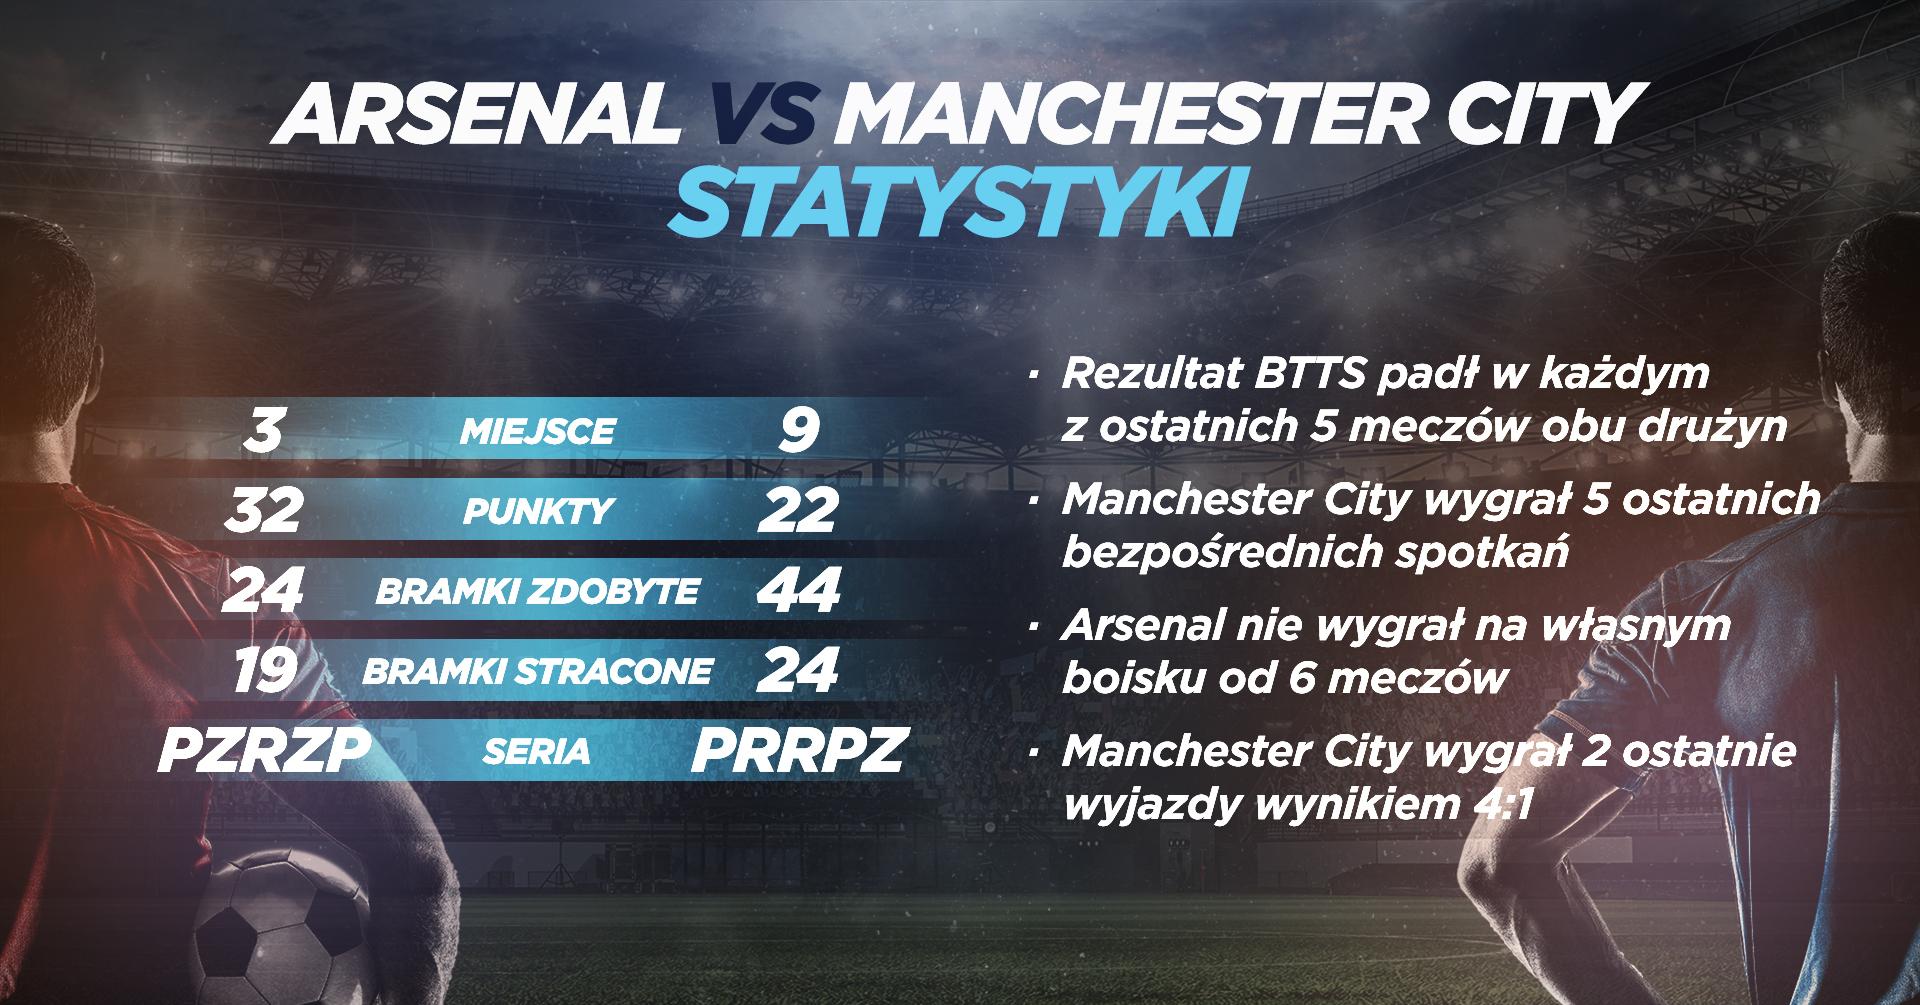 INFORGRAFIKA Arsenal vs Manchester City - statystyki